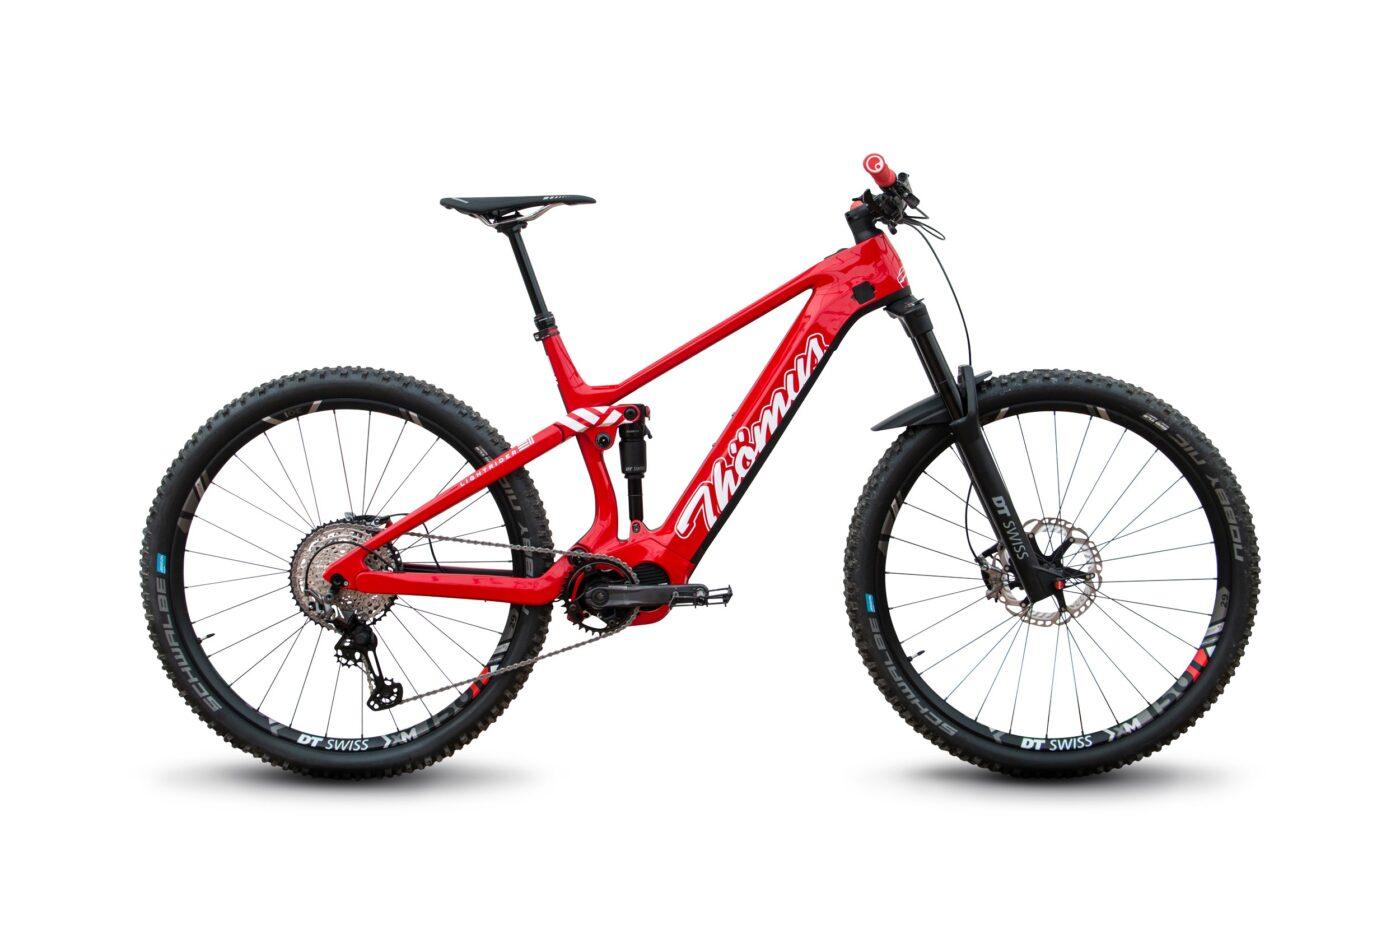 Der neue Lightrider E2 – The Swiss Thing